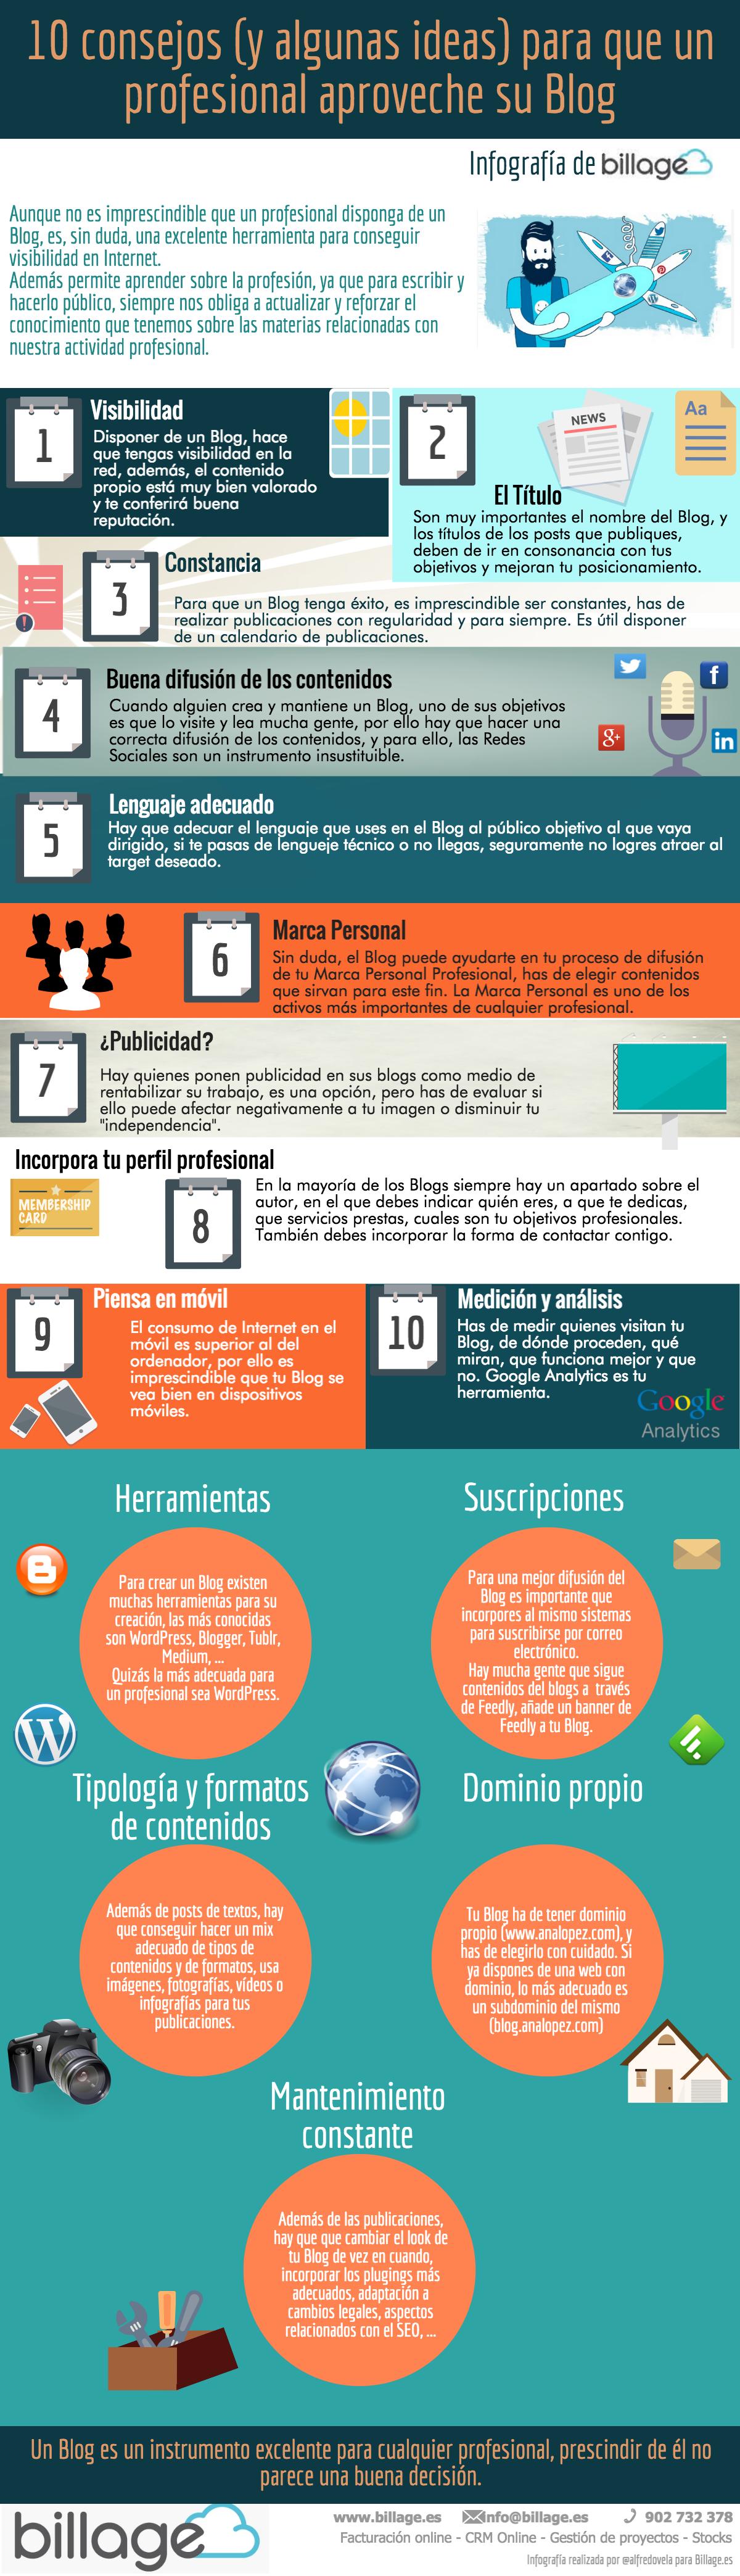 10 consejos (y 5 ideas) para que un profesional aproveche su Blog